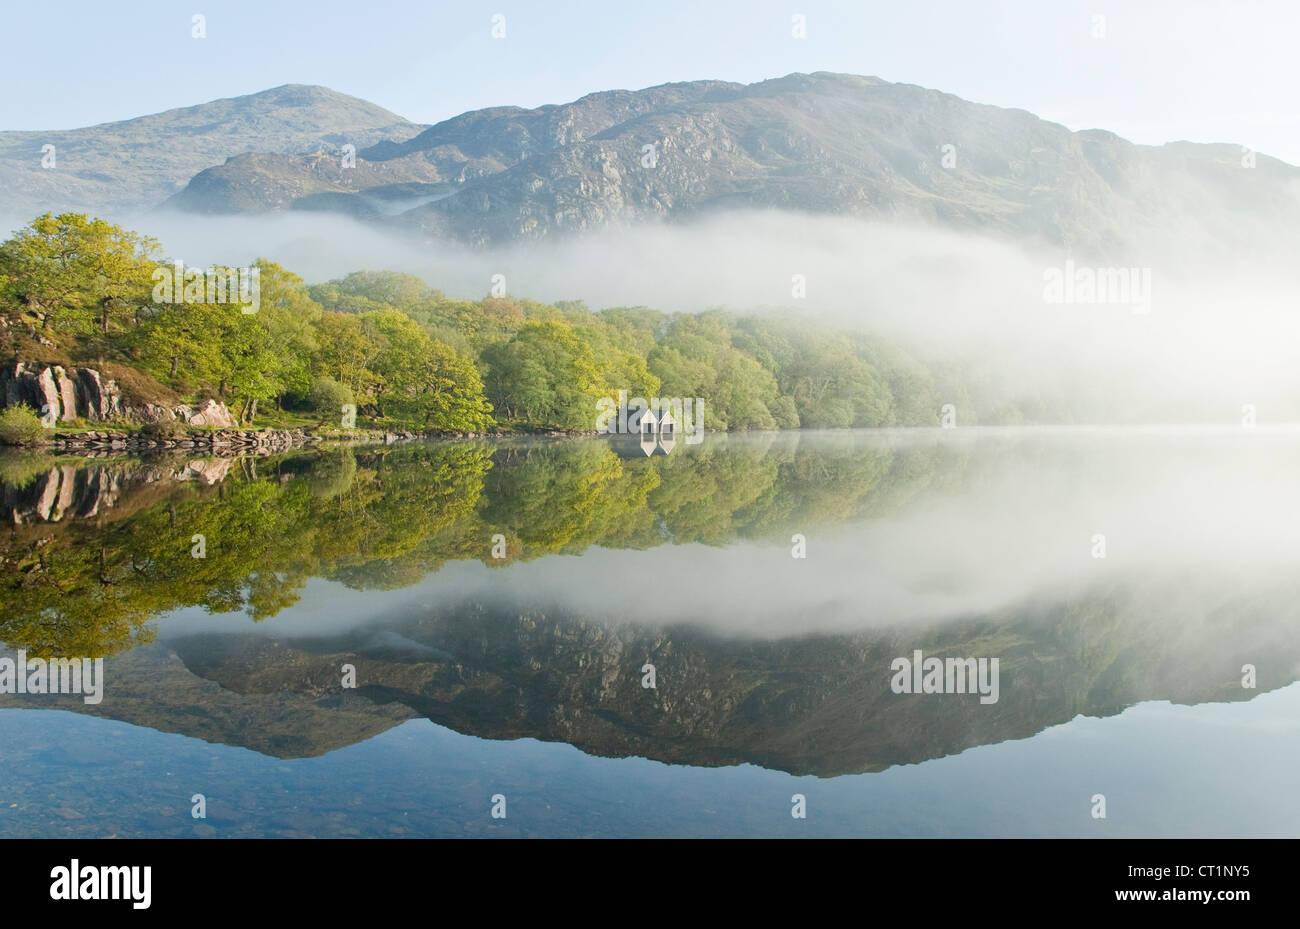 Montagnes au-dessus d'une côte bordée de misty sur Llyn Dinas Lake dans le Parc National de Snowdonia Photo Stock